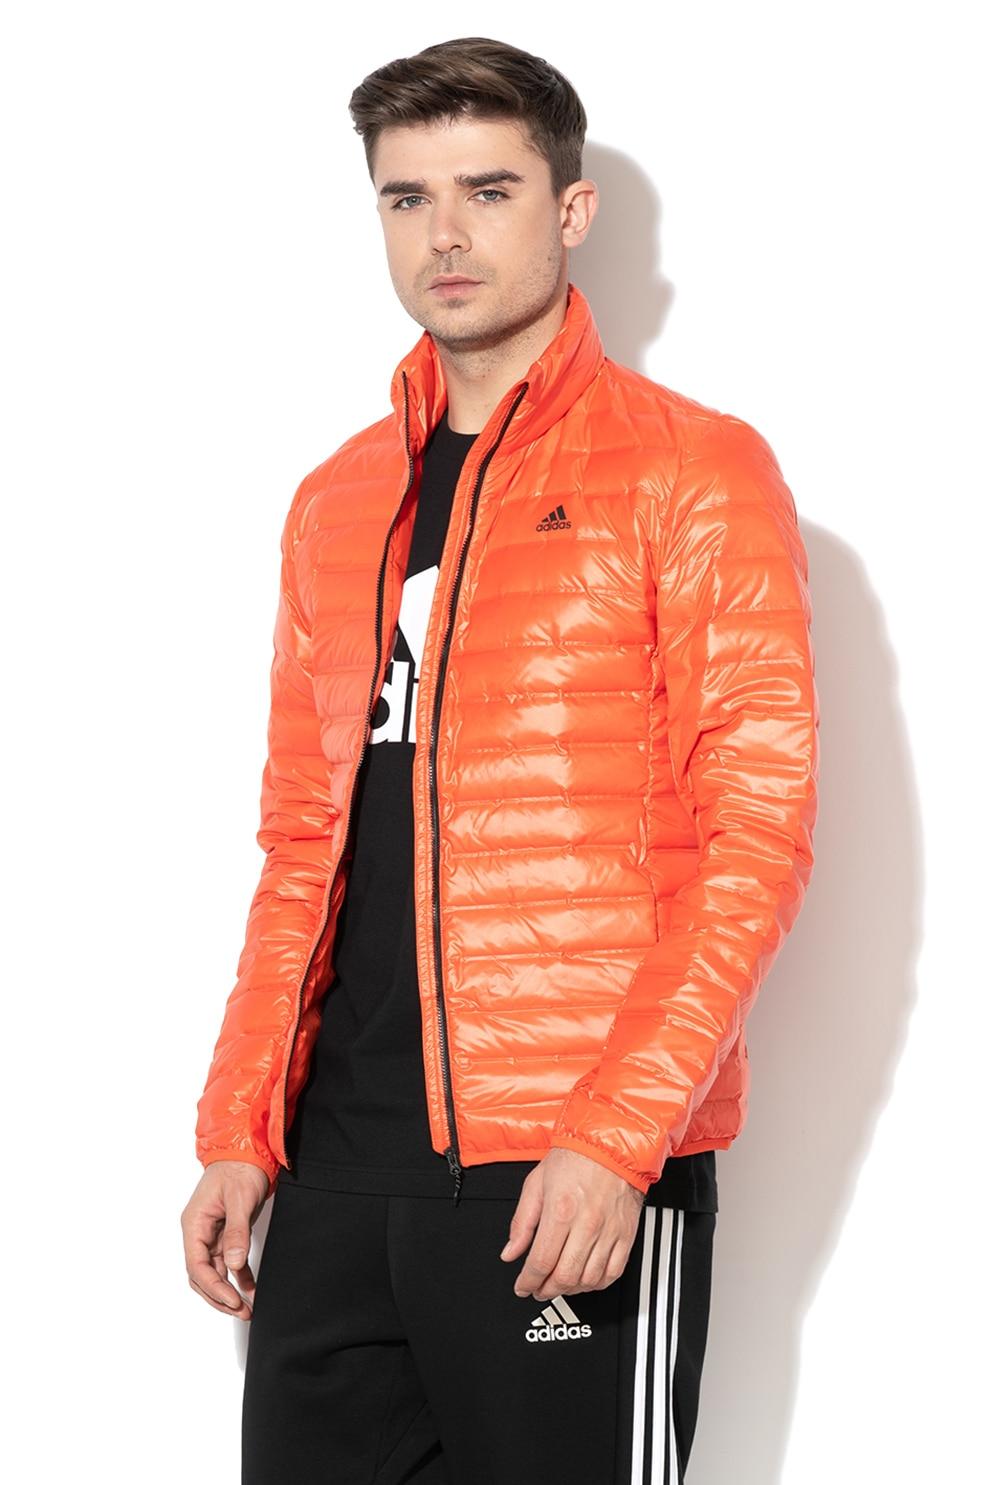 Férfi kabátok, dzsekik és mellények Forgalmazza a(z) eMAG